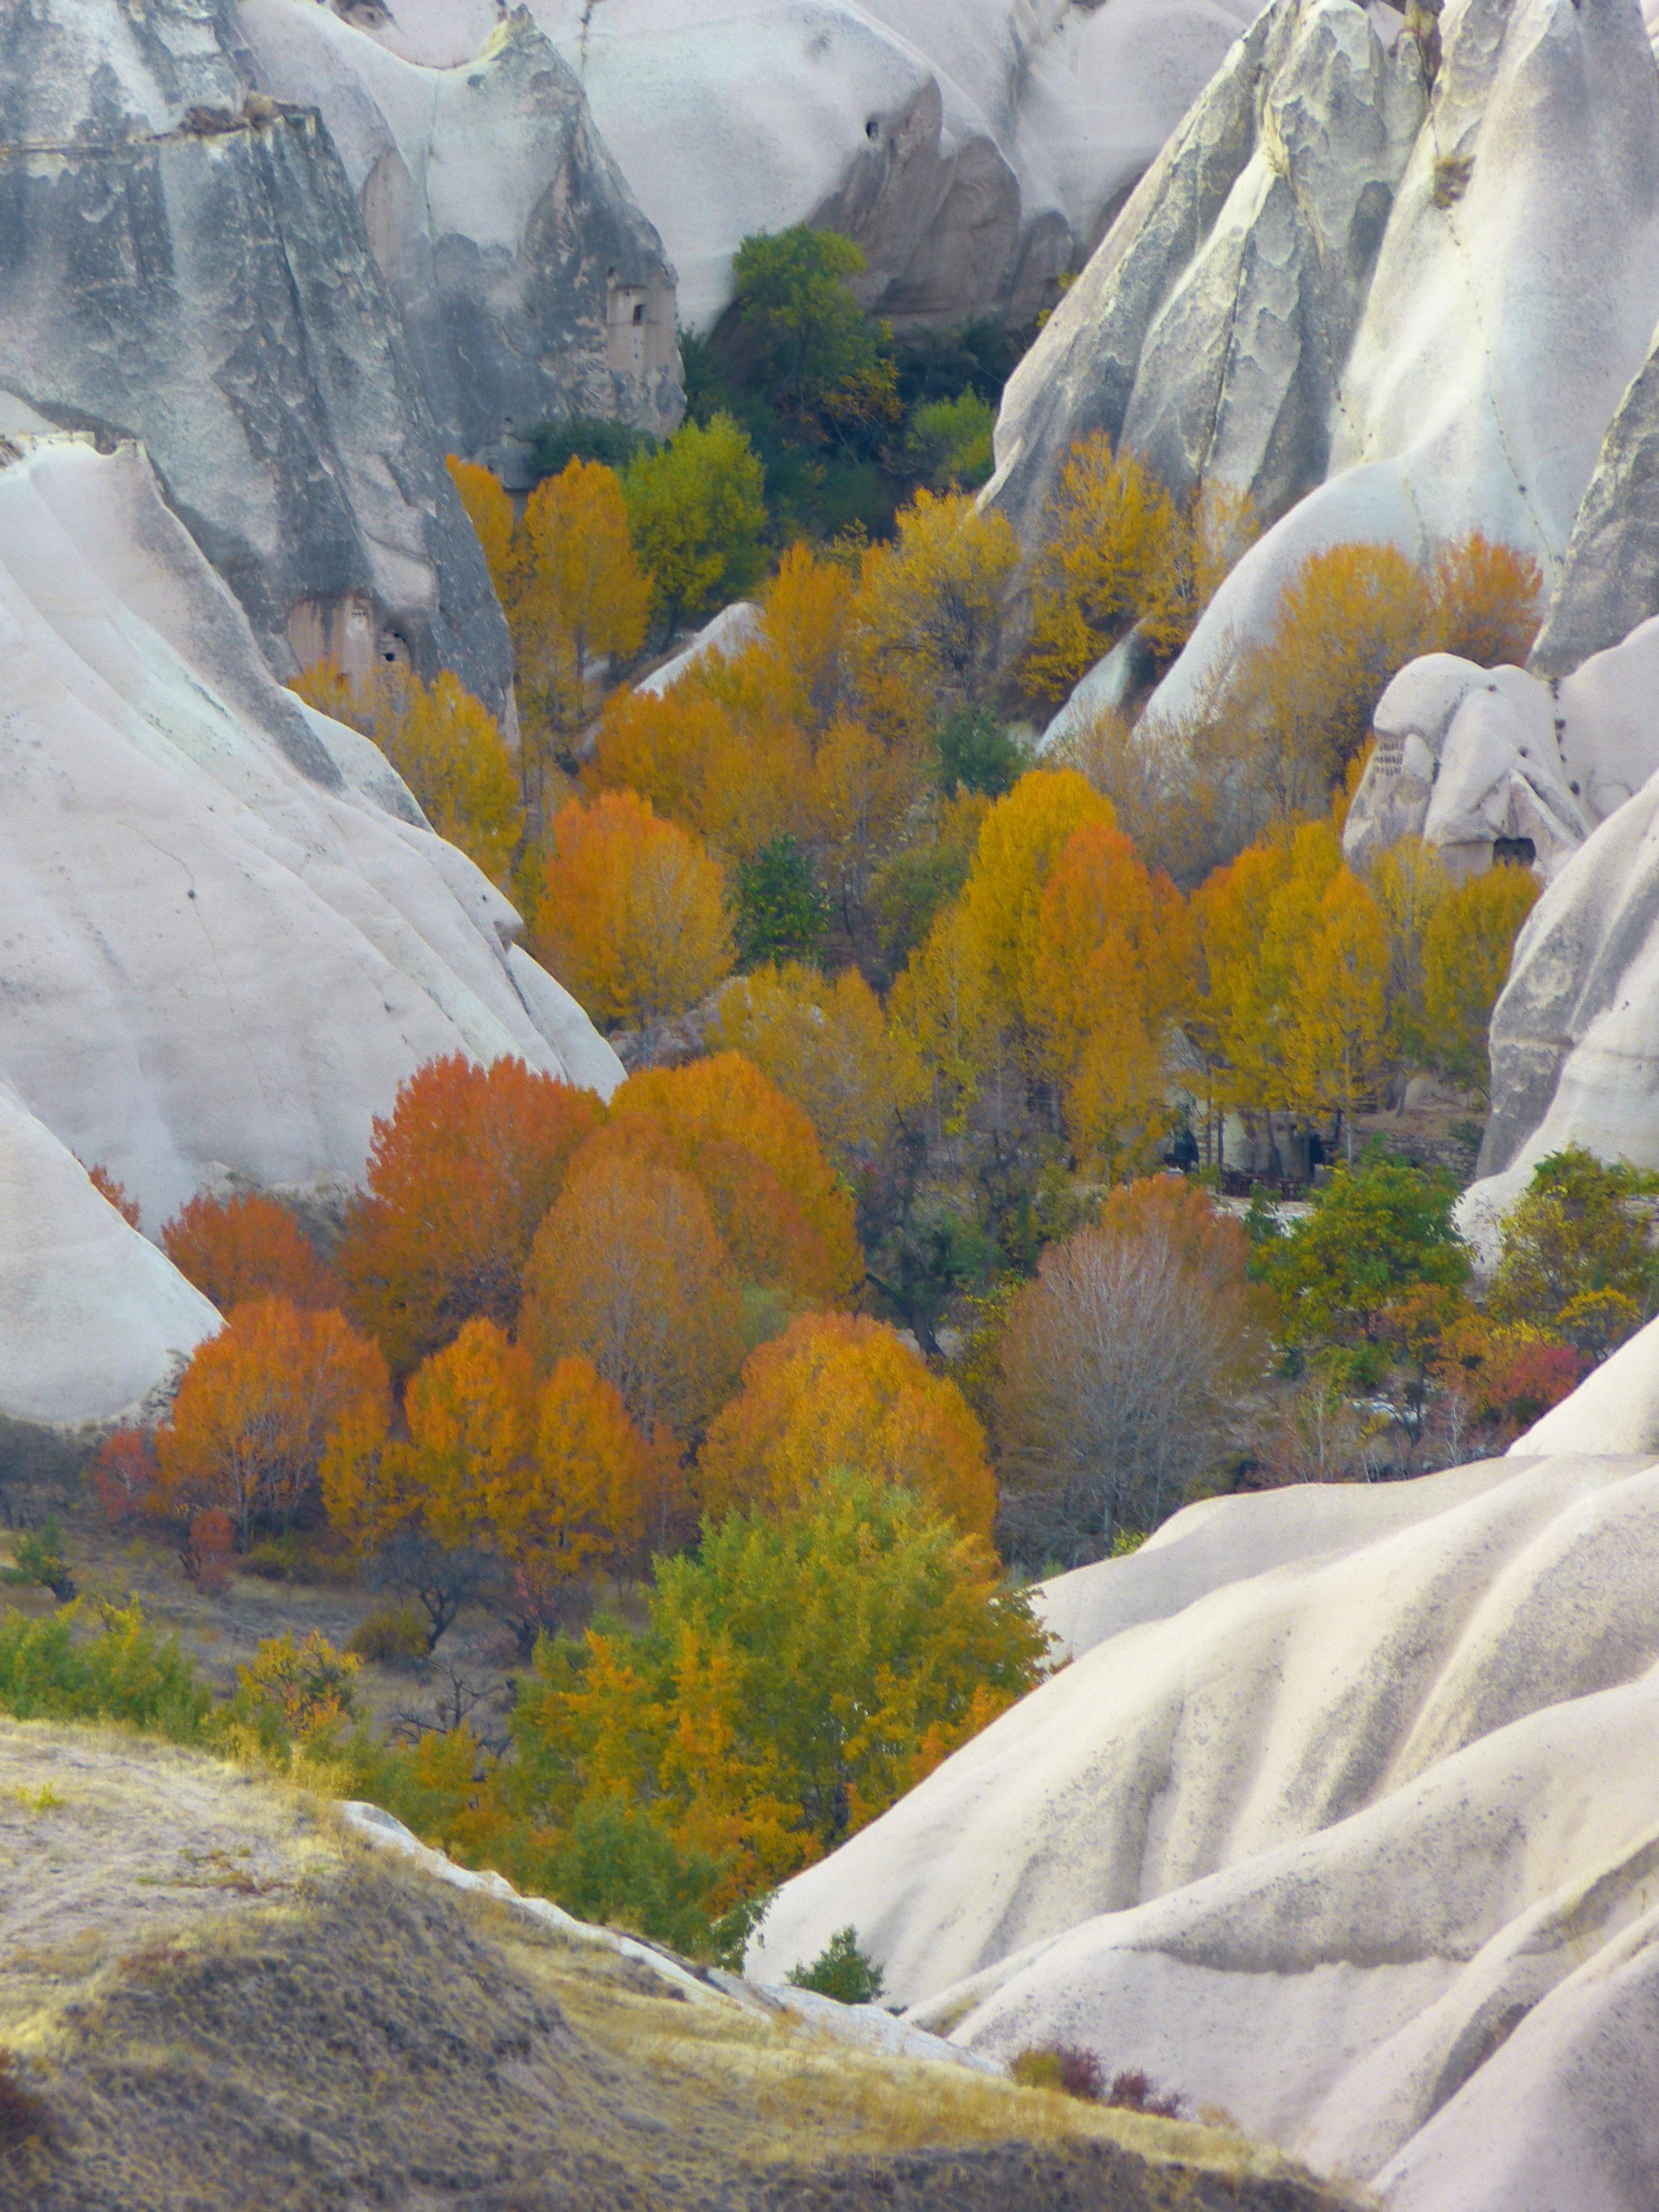 Fotoğraf Peyzaj Kaya çöl Dağ Kar Kış çiçek Vadi Dağ Sırası